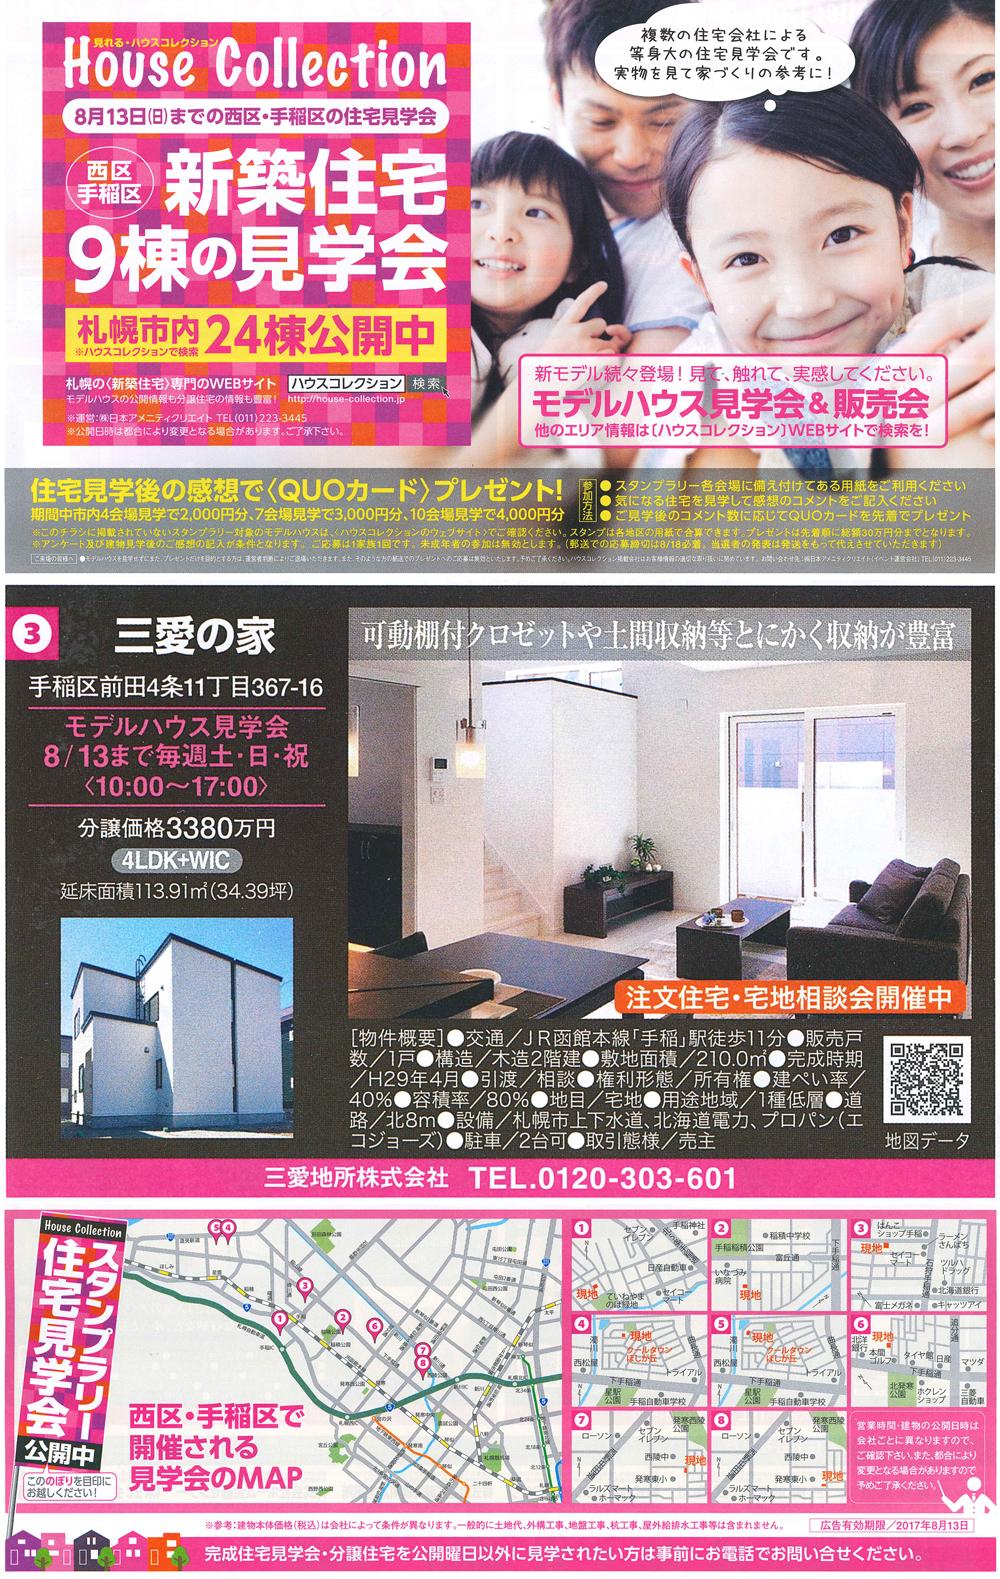 前田掲載ハウスコレクションJPEG.jpg